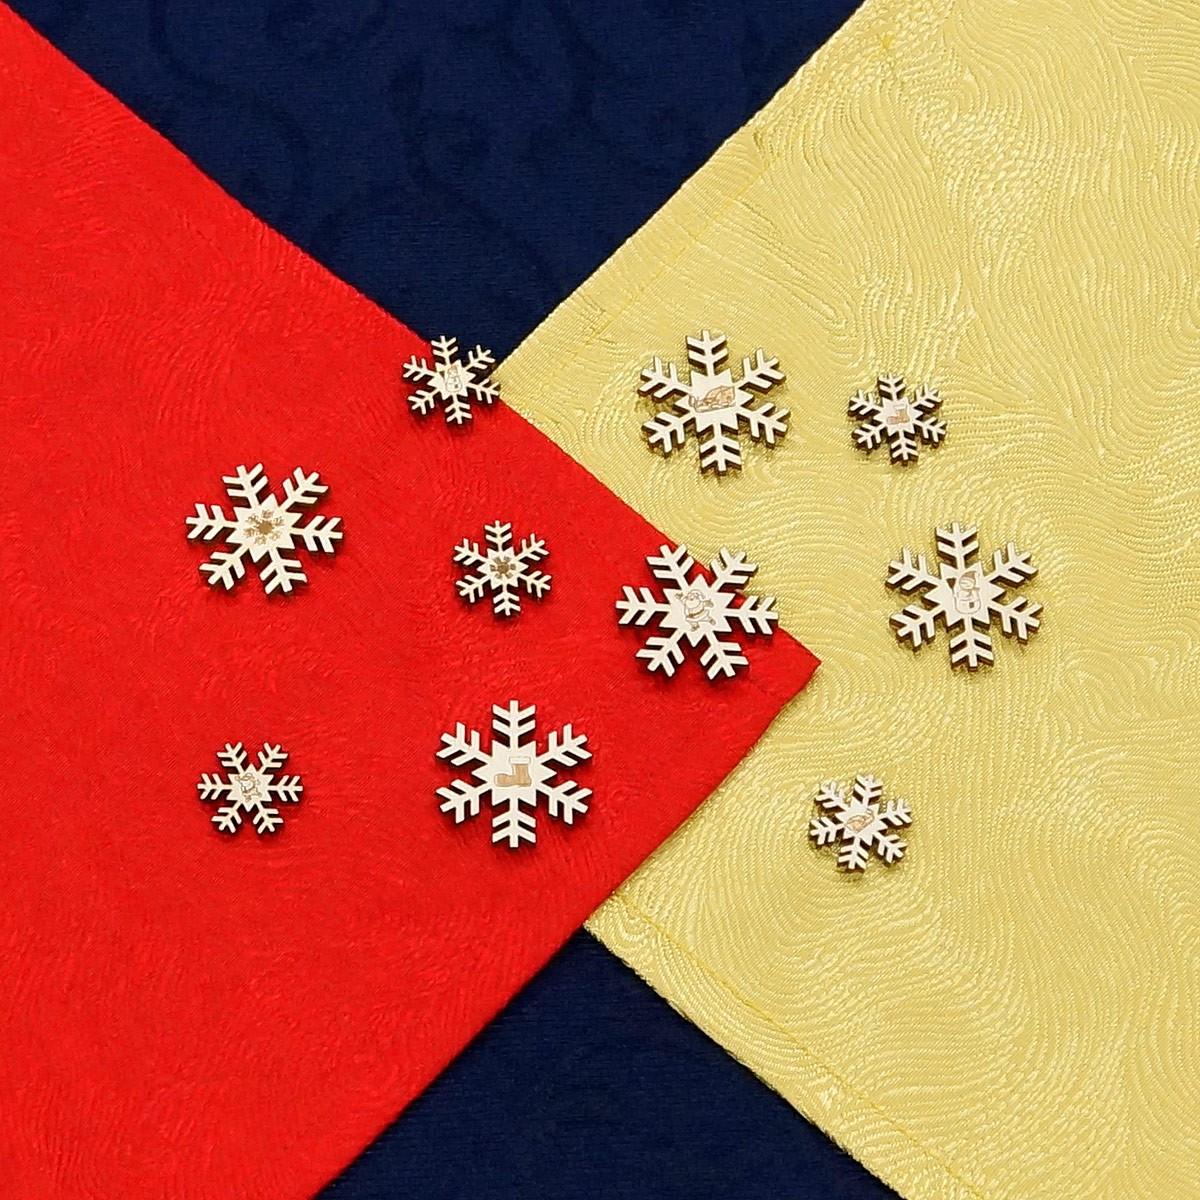 Sperrholz streudeko sets weihnachten wurfdeko for Dekoration wohnung weihnachten